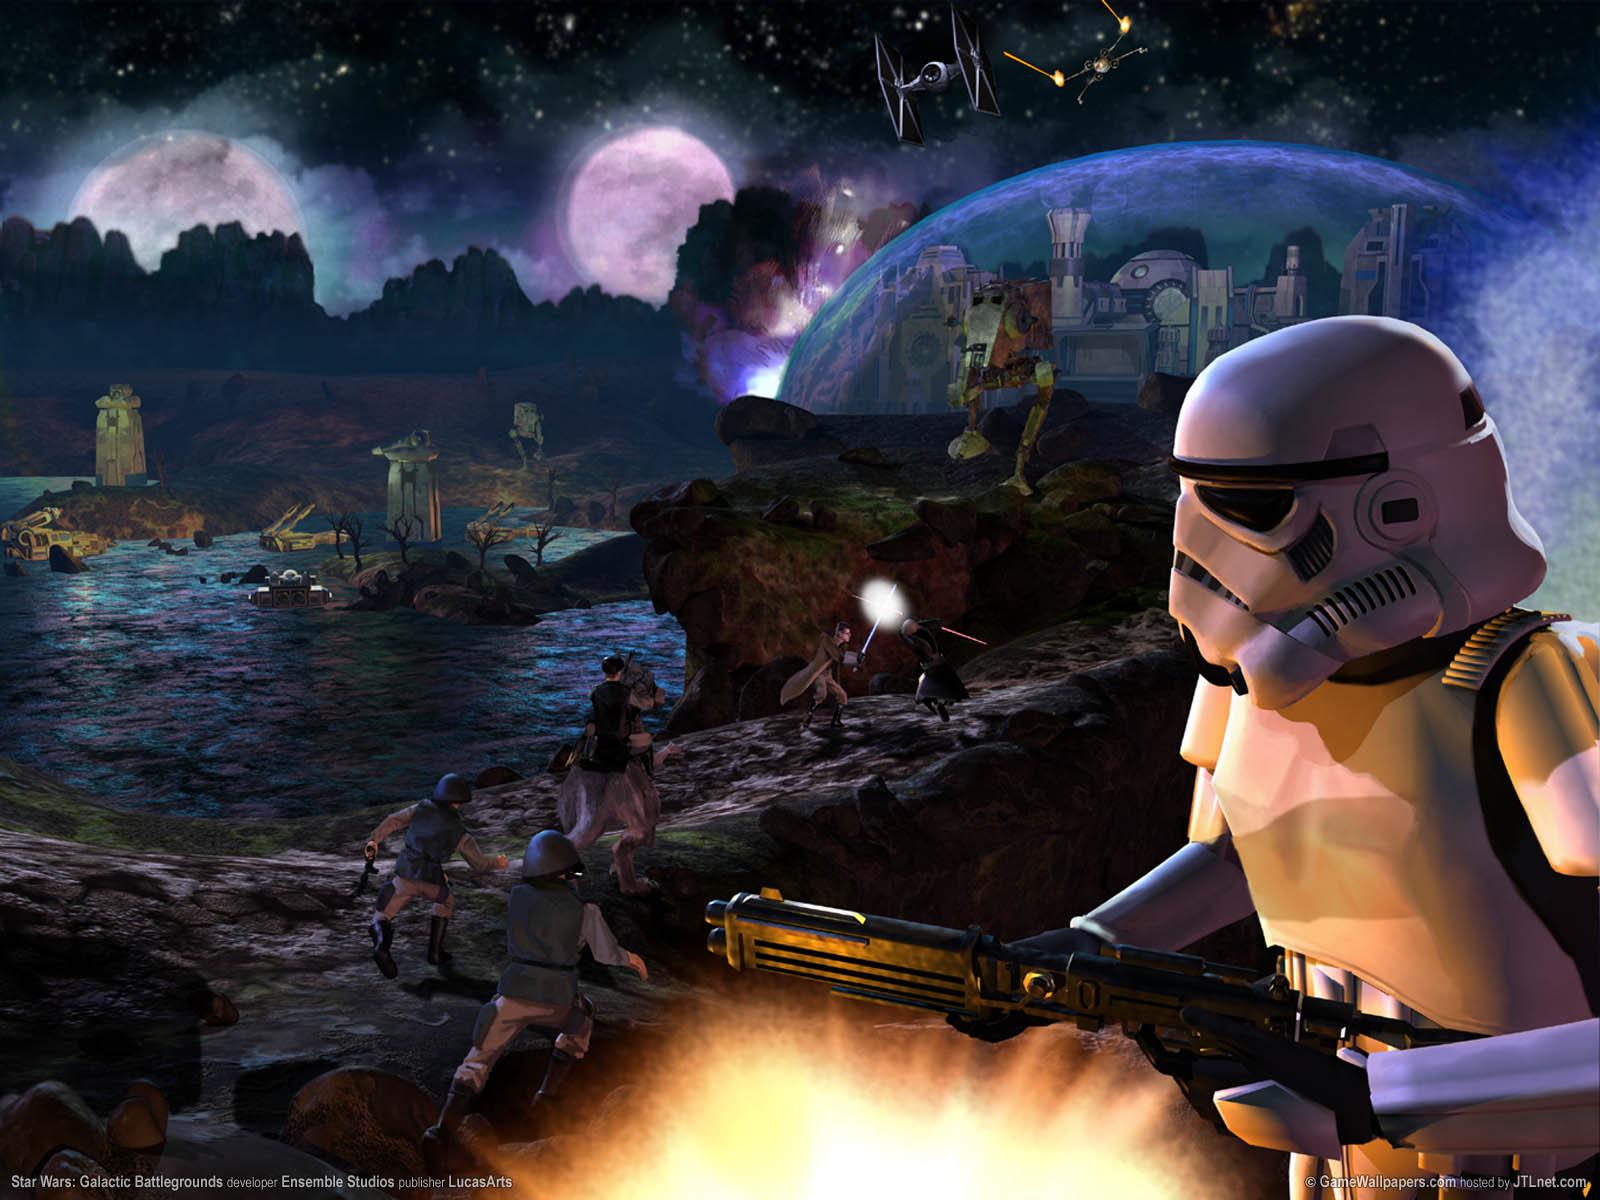 Star Wars: Galactic Battlegrounds wallpaper 02 1600x1200